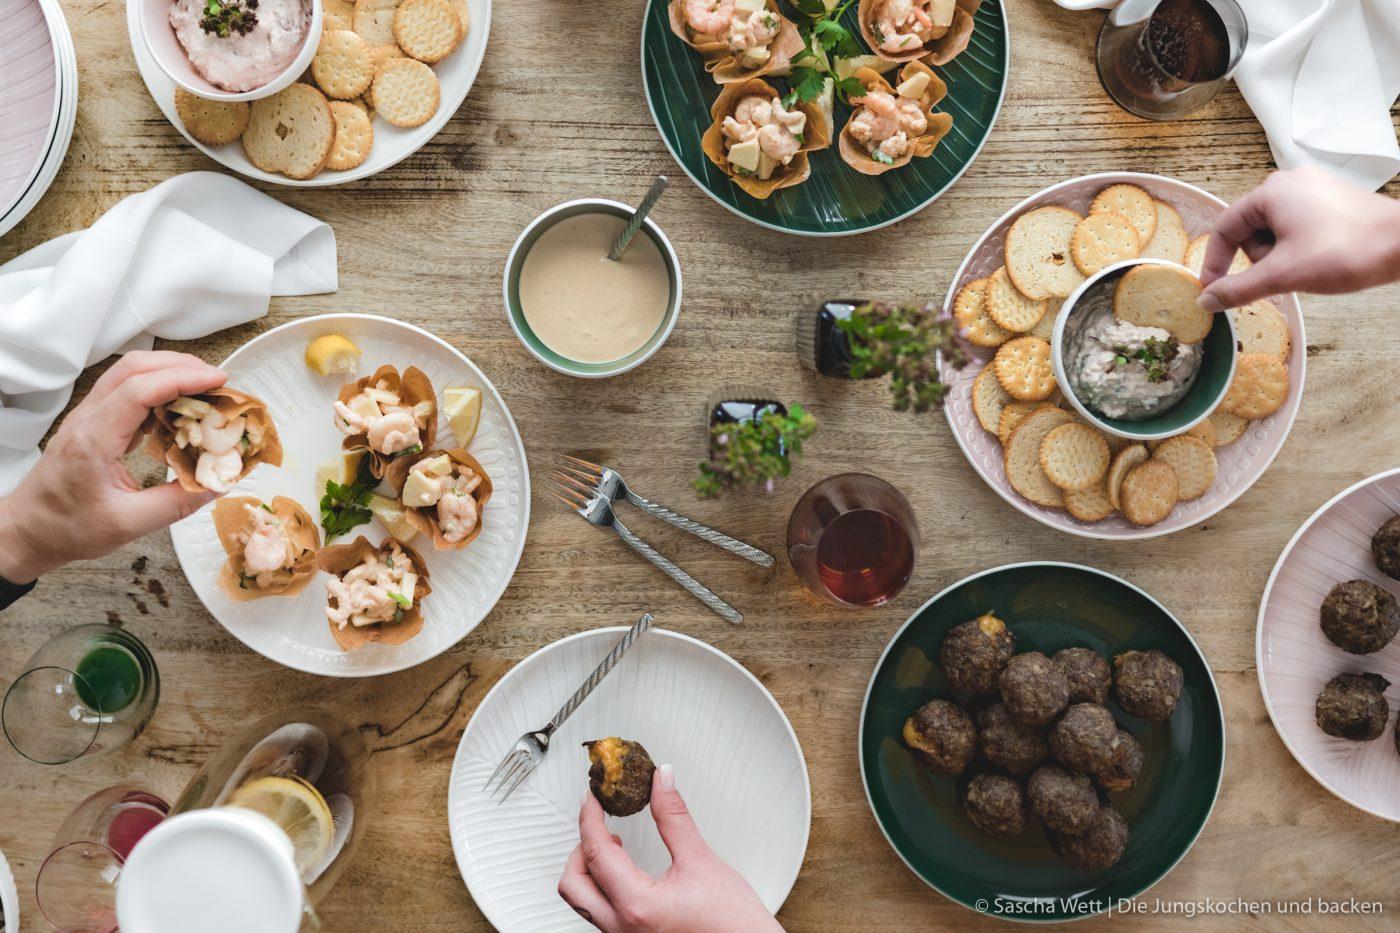 Finger Food ItsMyMatch VilleroyBoch 6 | Heute haben wir gleich drei Rezept für euch im Gepäck. Drei schnell zu bereitete Ideen, die ihr für eure nächste Geburtstags- oder auch Einweihungsparty ganz einfach zubereiten könnt. Bei so einer Party hat man eh schon immer soviel zu tun, dass man sich um das Essen nur noch nebenher Gedanken machen möchte. Daher ist es super, wenn ihr das gut vorbereiten könnt. Da ist Fingerfood einfach die beste Option!